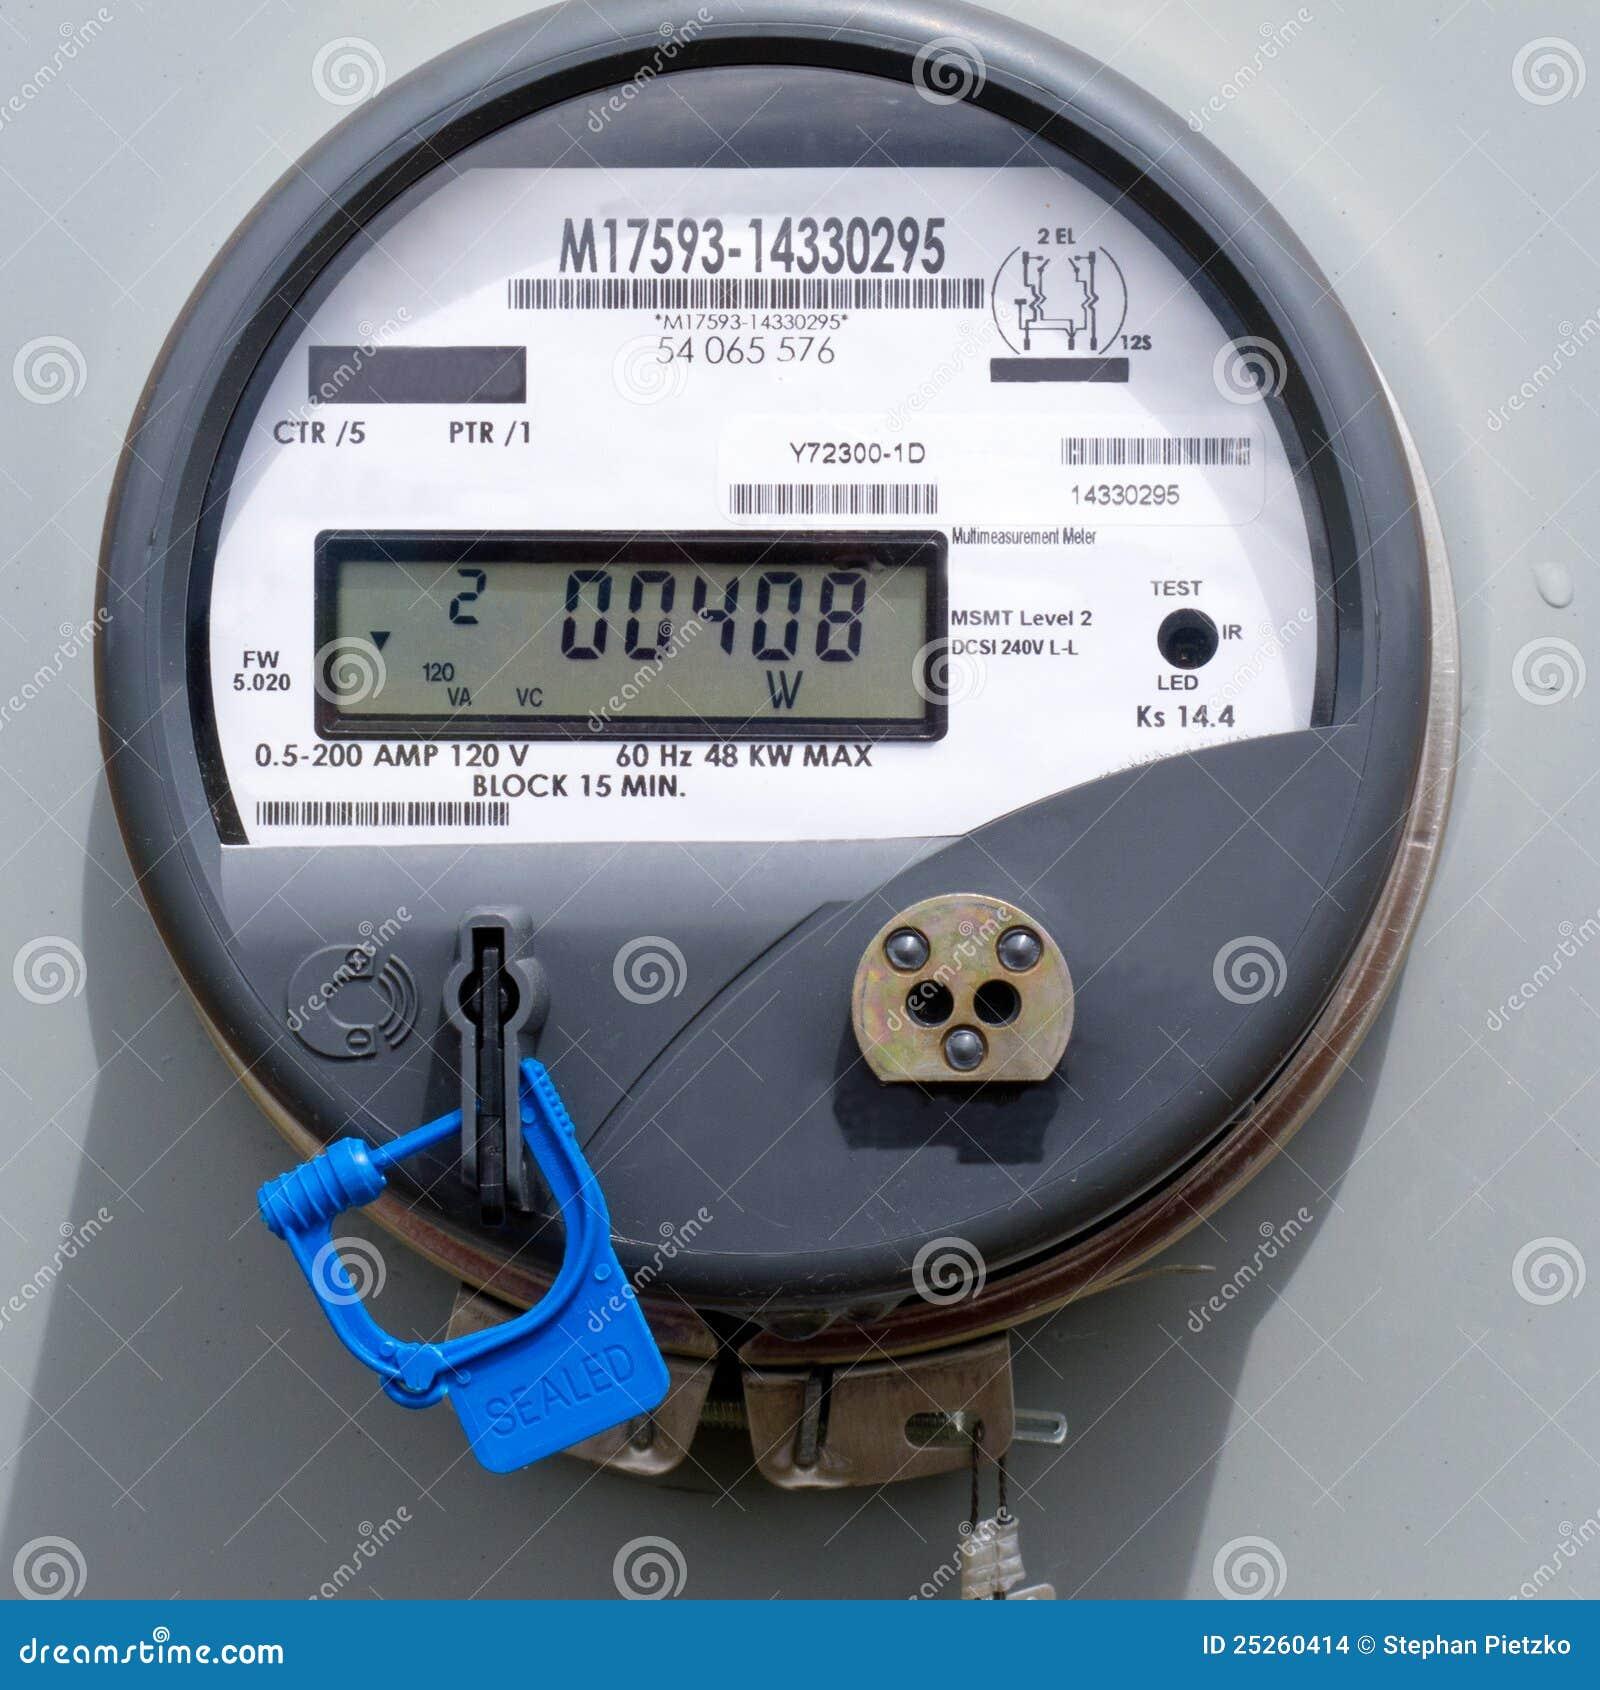 Digital Electric Power Meters : Power meter royalty free cartoon cartoondealer